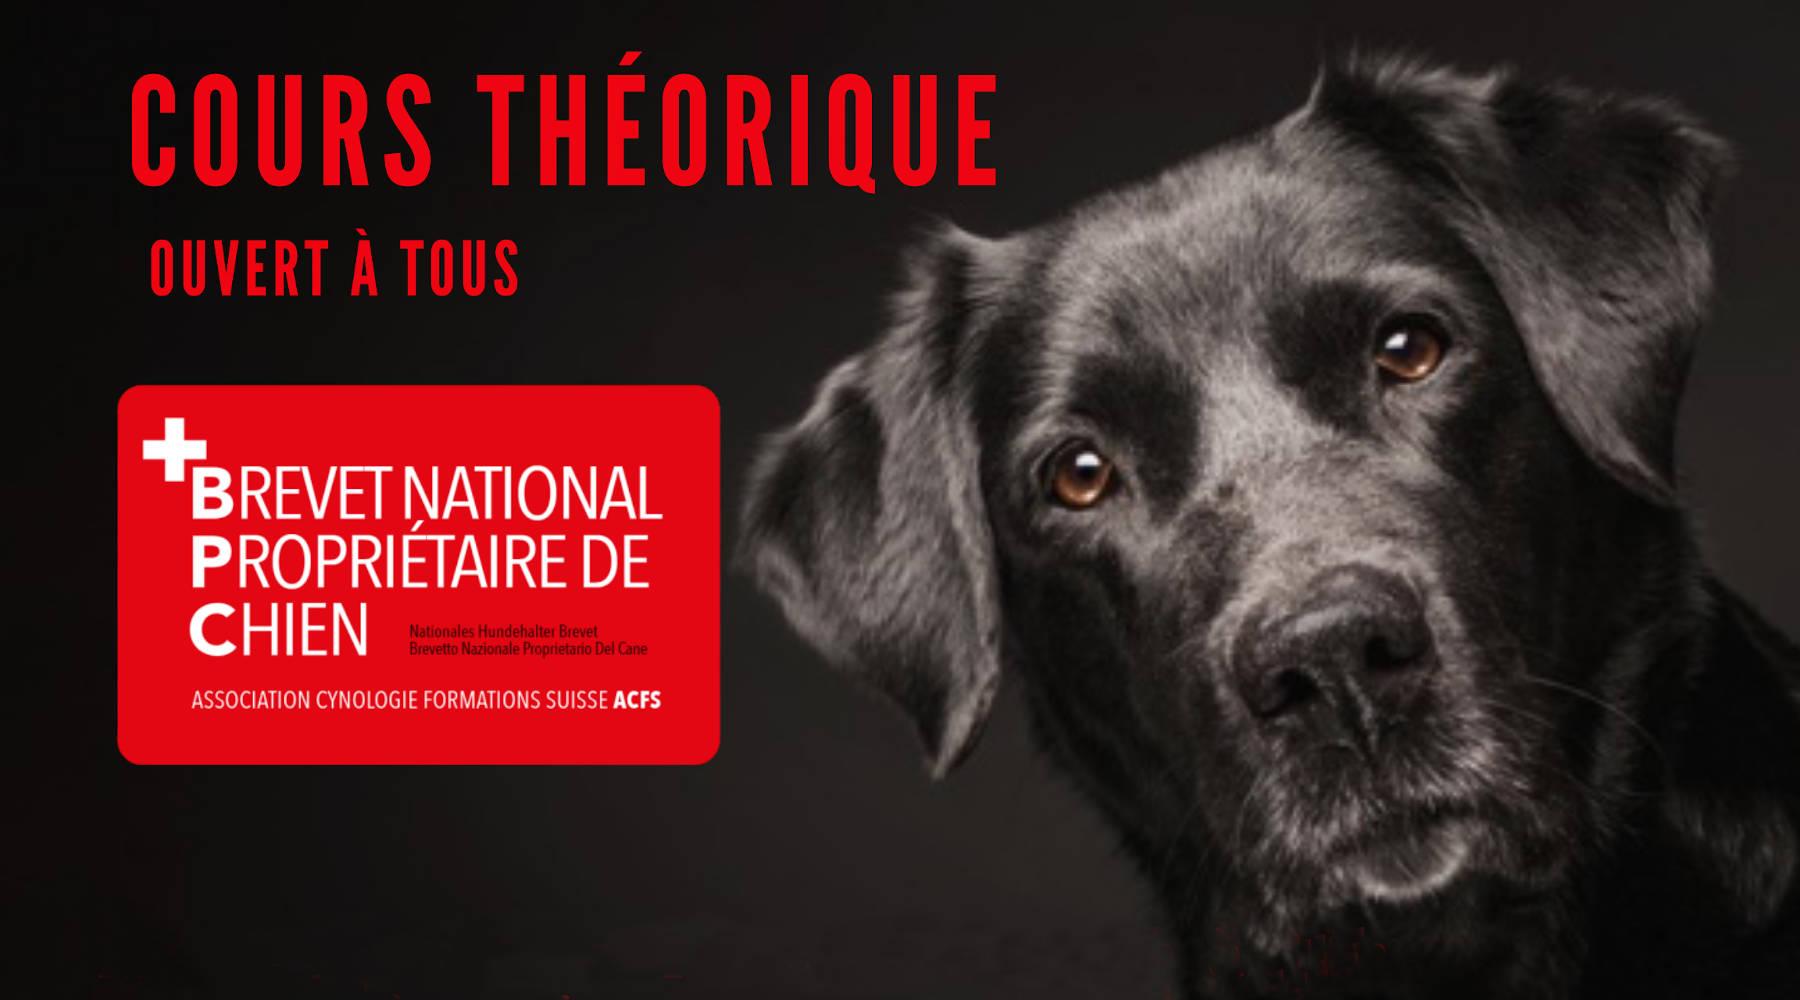 Cours théoriques, brevet national de propriétaire de chien